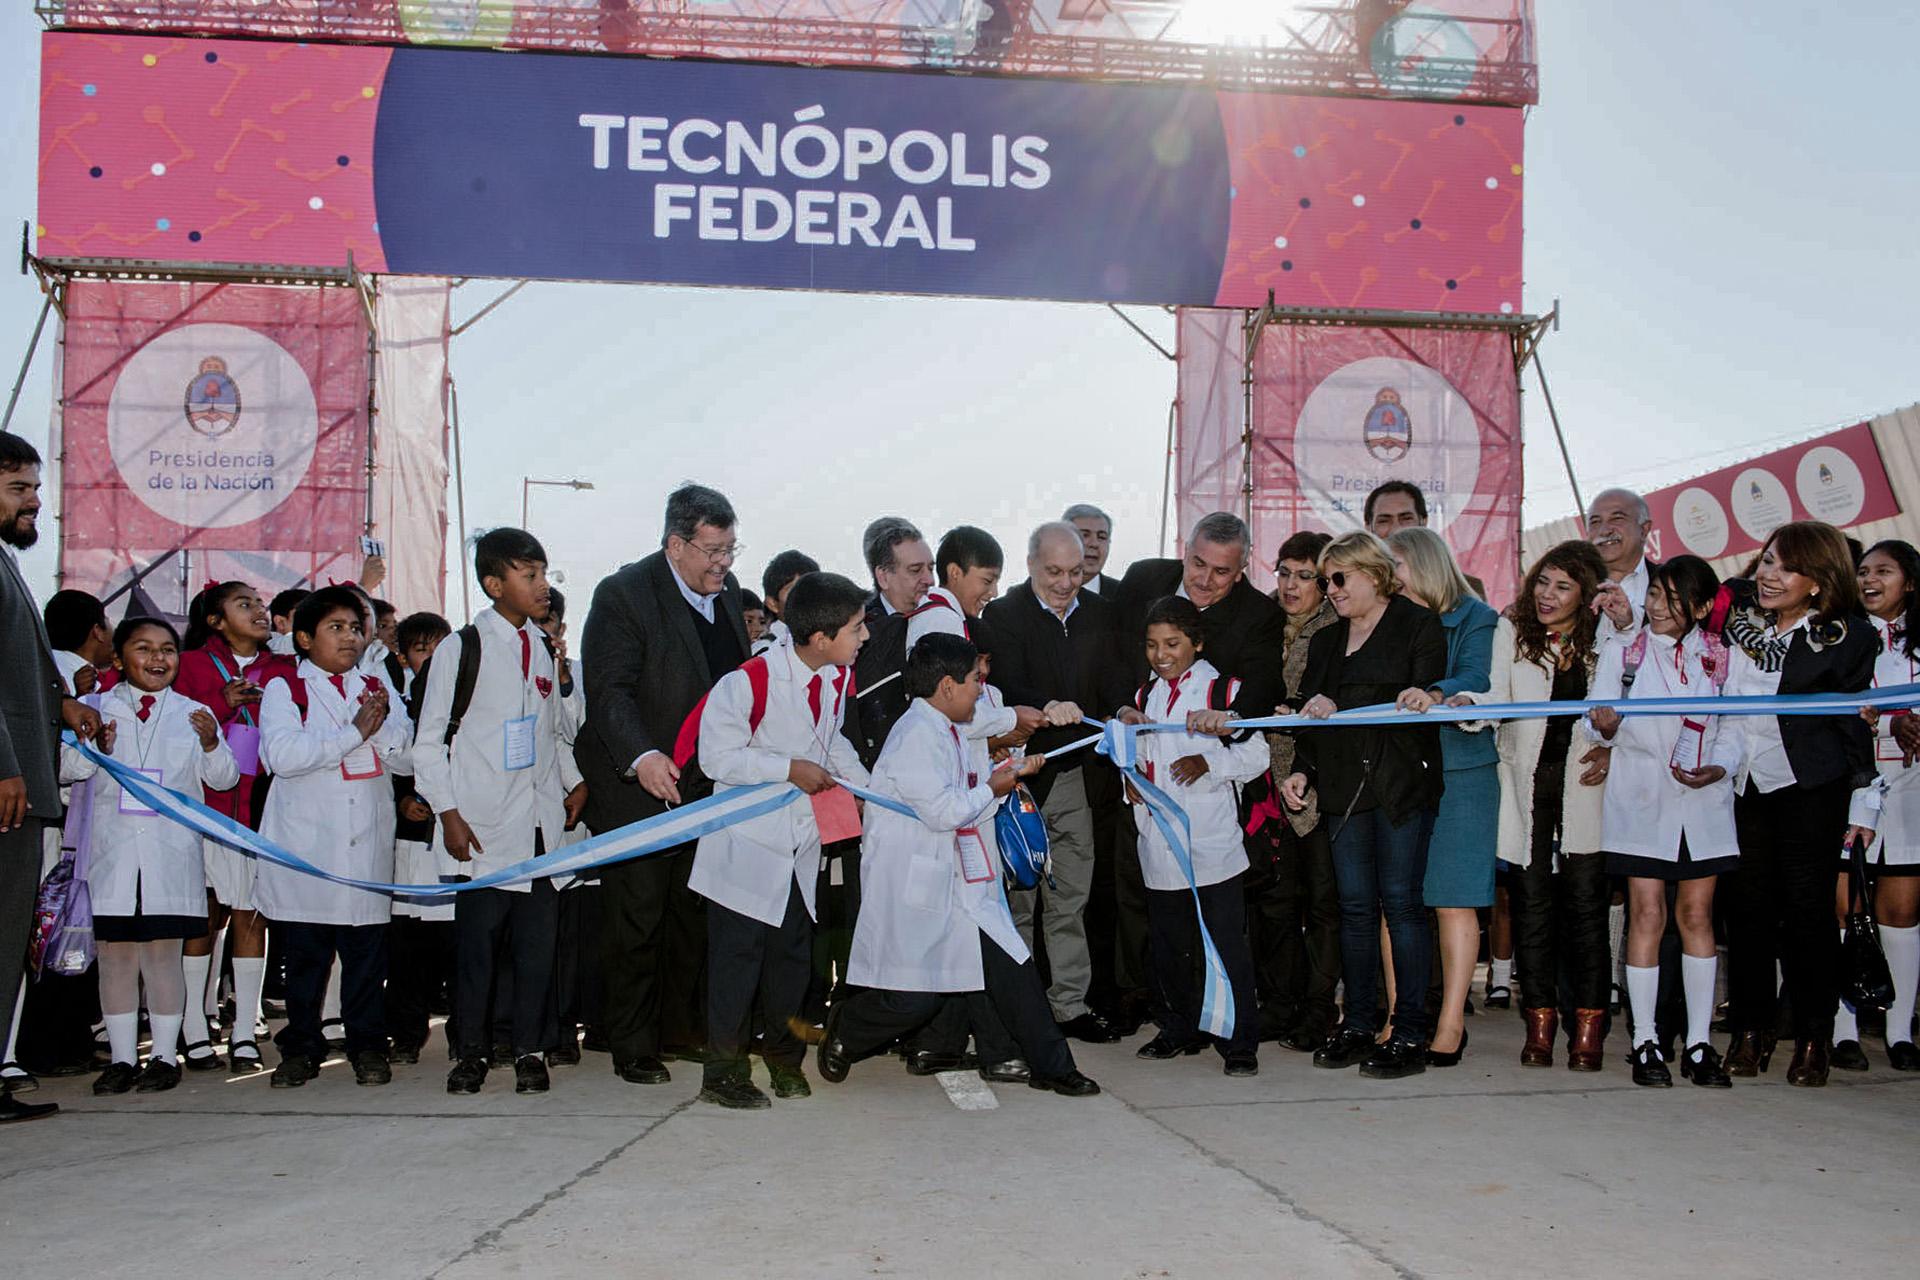 Tecnópolis Federal abrió hoy sus puertas en la capital jujeña, donde durante 18 días se podrá practicar realidad virtual, aprender de distintas disciplinas científicas y disfrutar de actividades deportivas y shows musicales, con entrada libre y gratuita